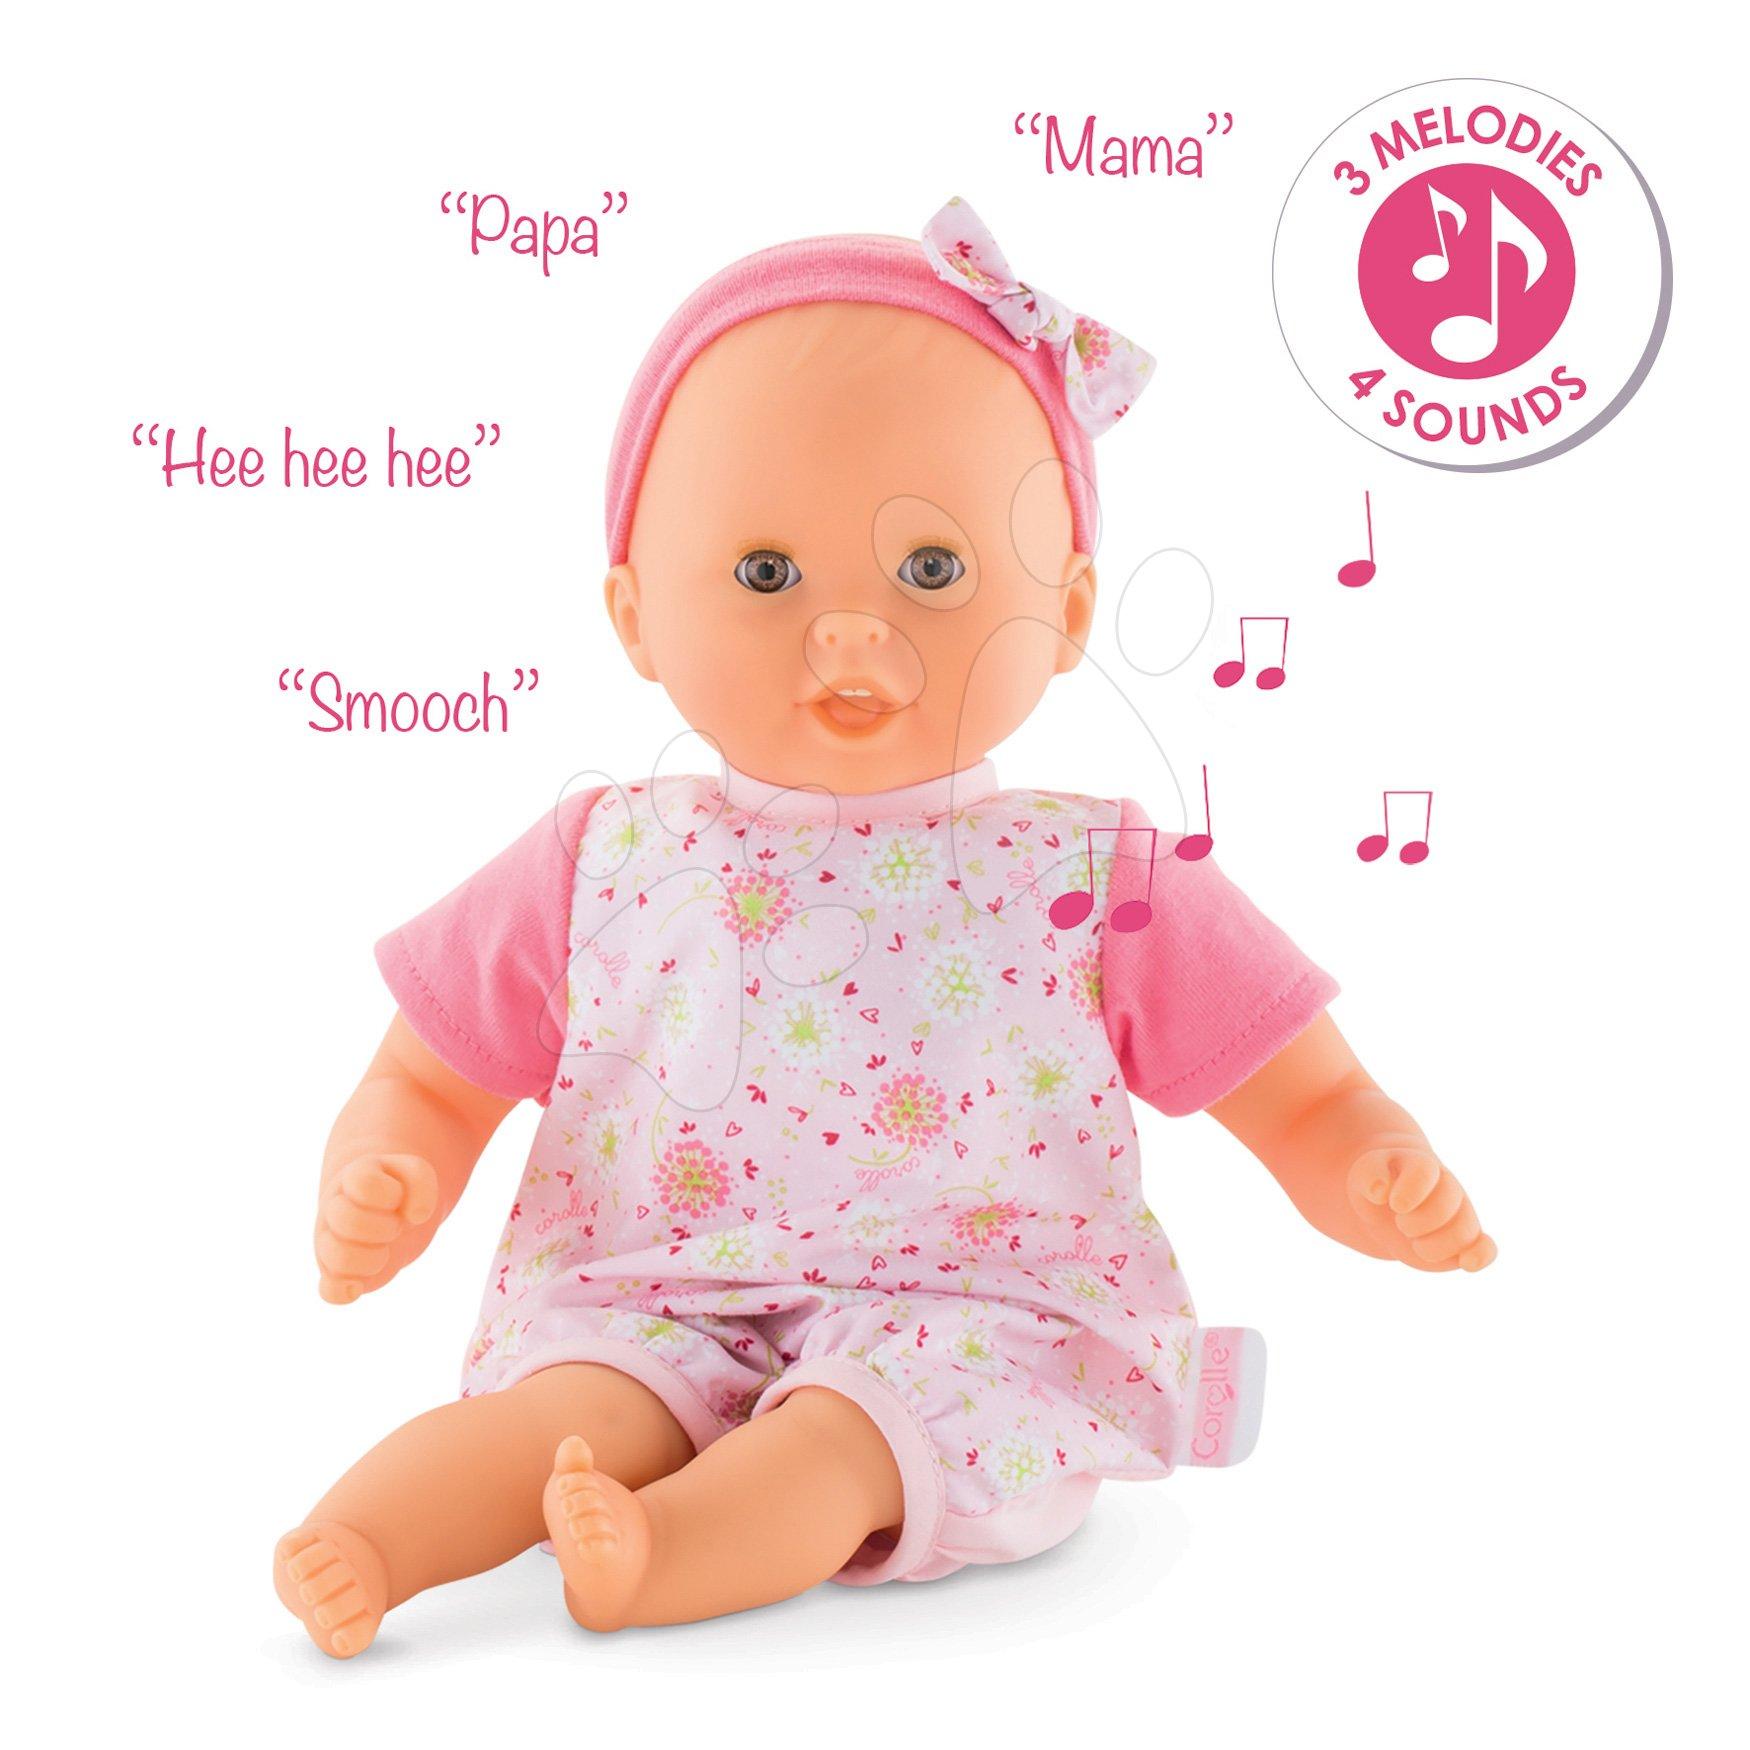 Dojenček Bébé Calin Loving & Melodies Features Corolle interaktiven s 4 zvoki in 3 melodijami z rjavimi mežikajočimi očkami 30 cm od 18 mes